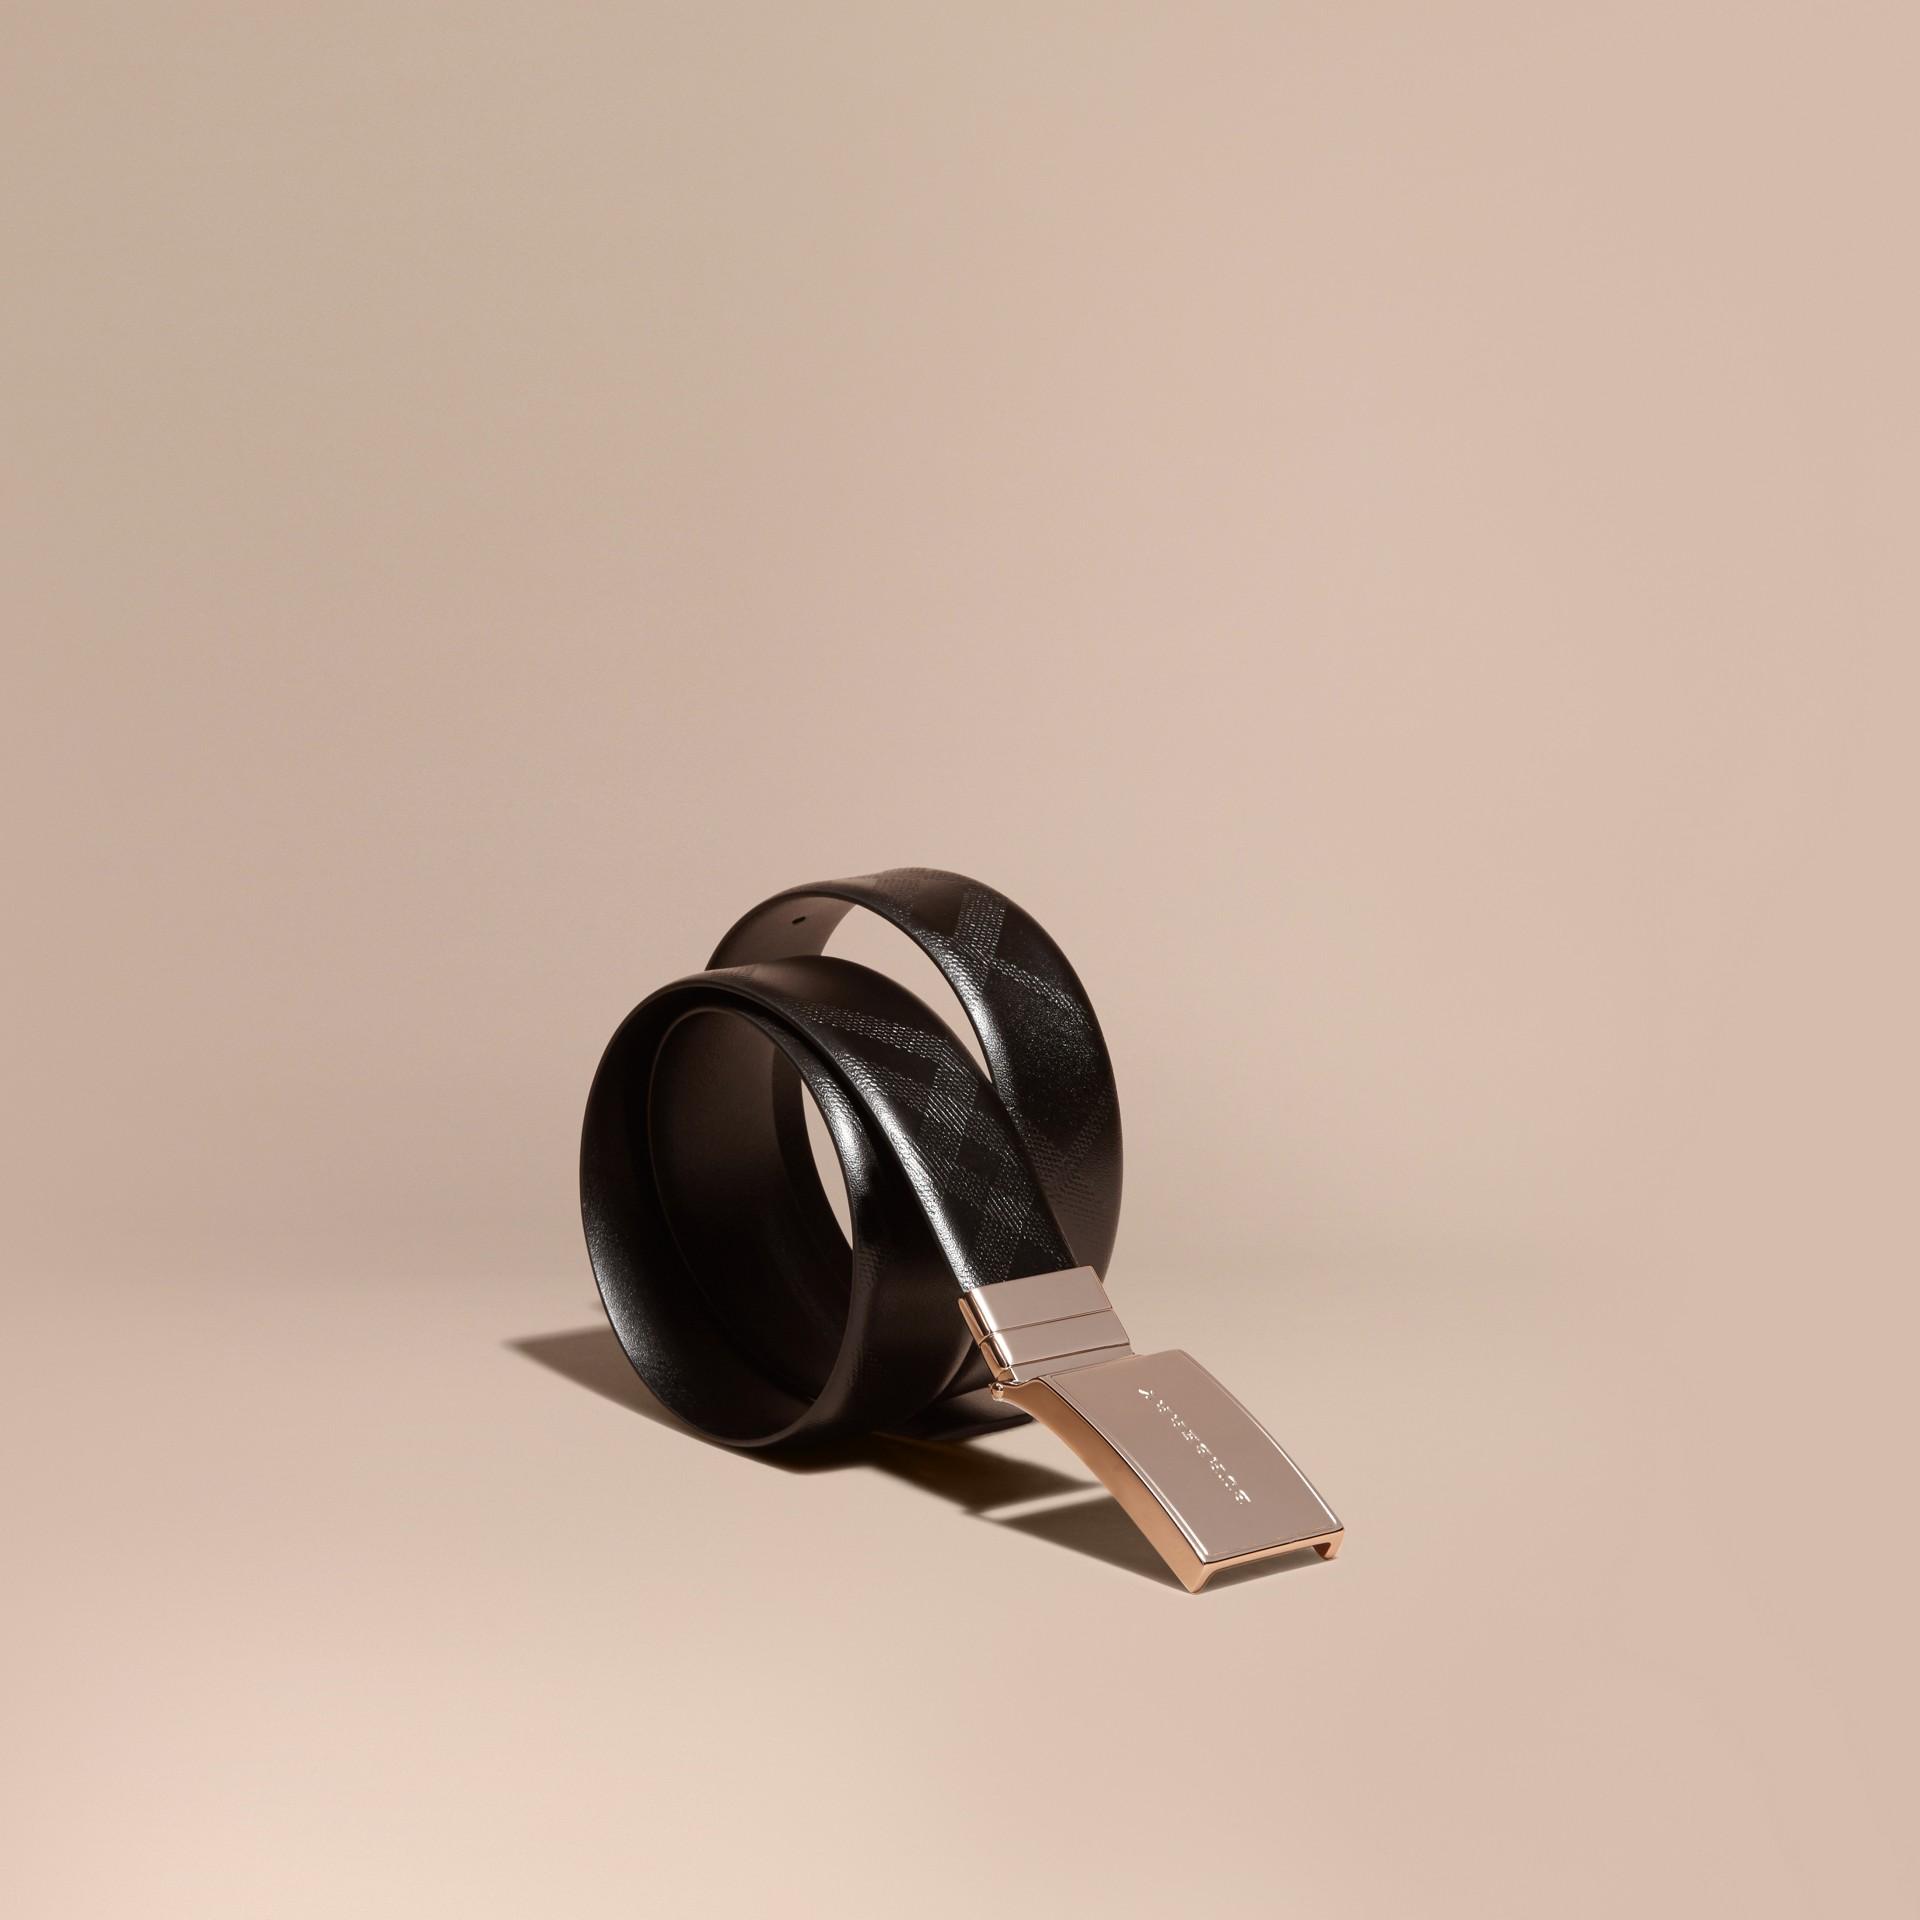 Noir Ceinture réversible en cuir estampé du motif check - photo de la galerie 1